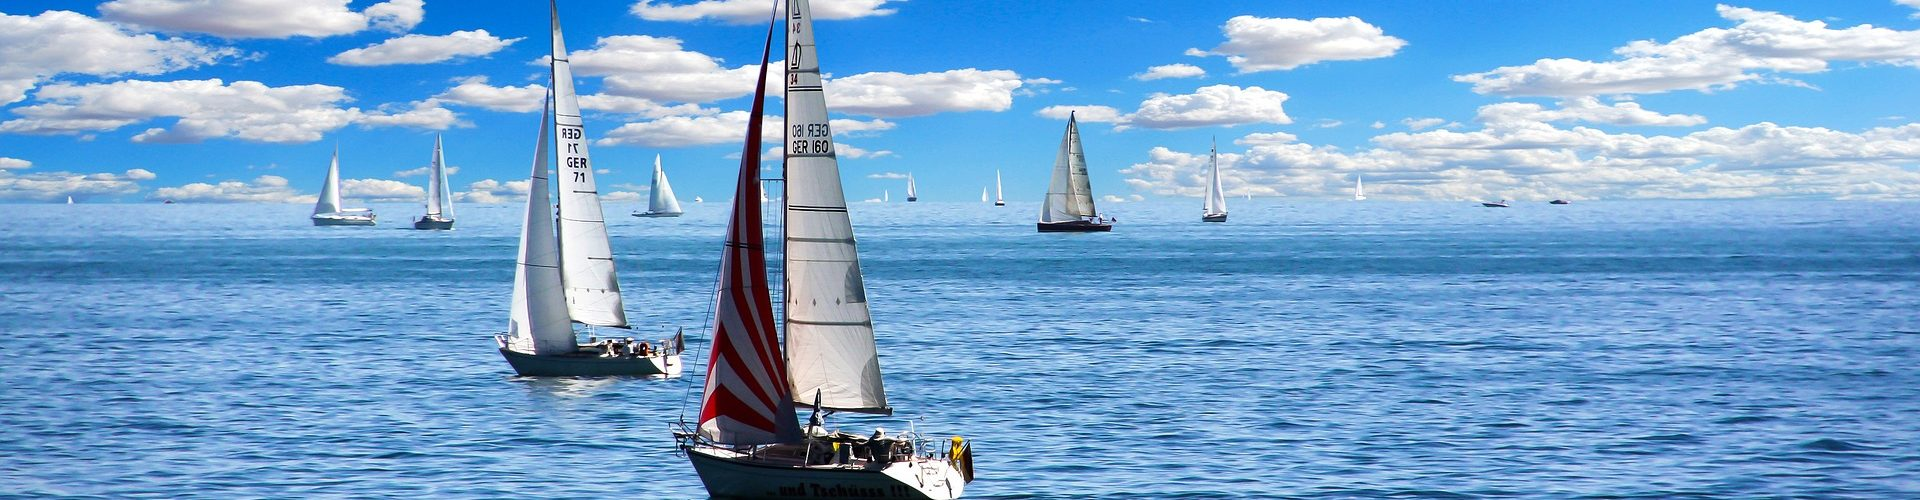 segeln lernen in Laufen segelschein machen in Laufen 1920x500 - Segeln lernen in Laufen